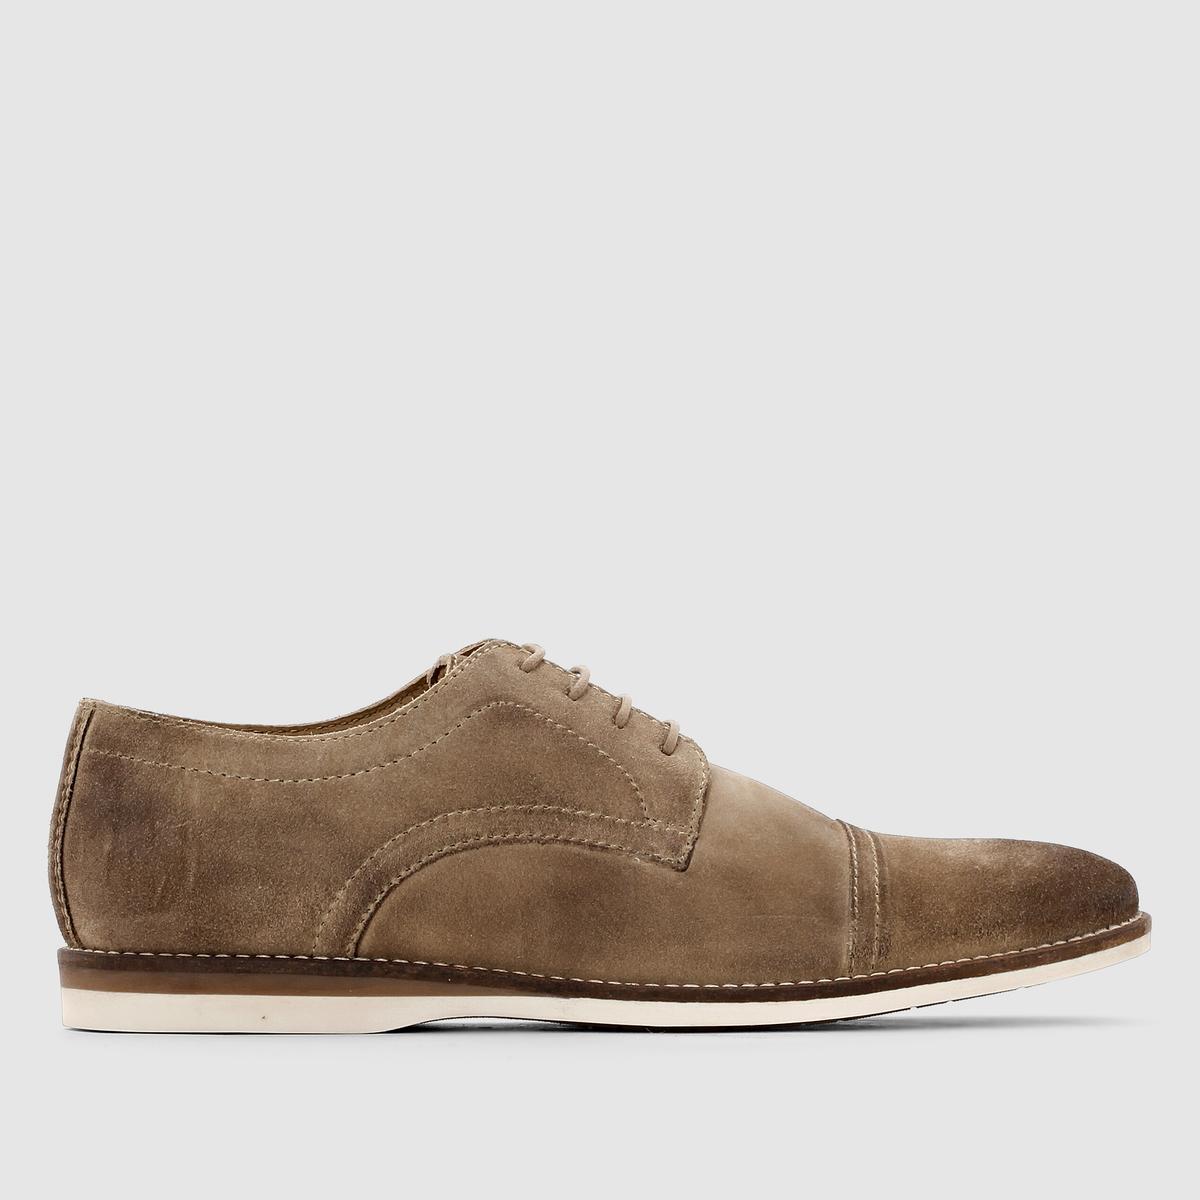 Ботинки-дерби кожаные на шнуровке ConcoctНизкая и утончённая модель, велюровая кожа, патинированные мыски, контрастная подошва, видимая прострочка... В них есть всё! Каждый заботящийся о своём стиле мужчина должен иметь их в своём гардеробе!<br><br>Цвет: серо-коричневый<br>Размер: 41